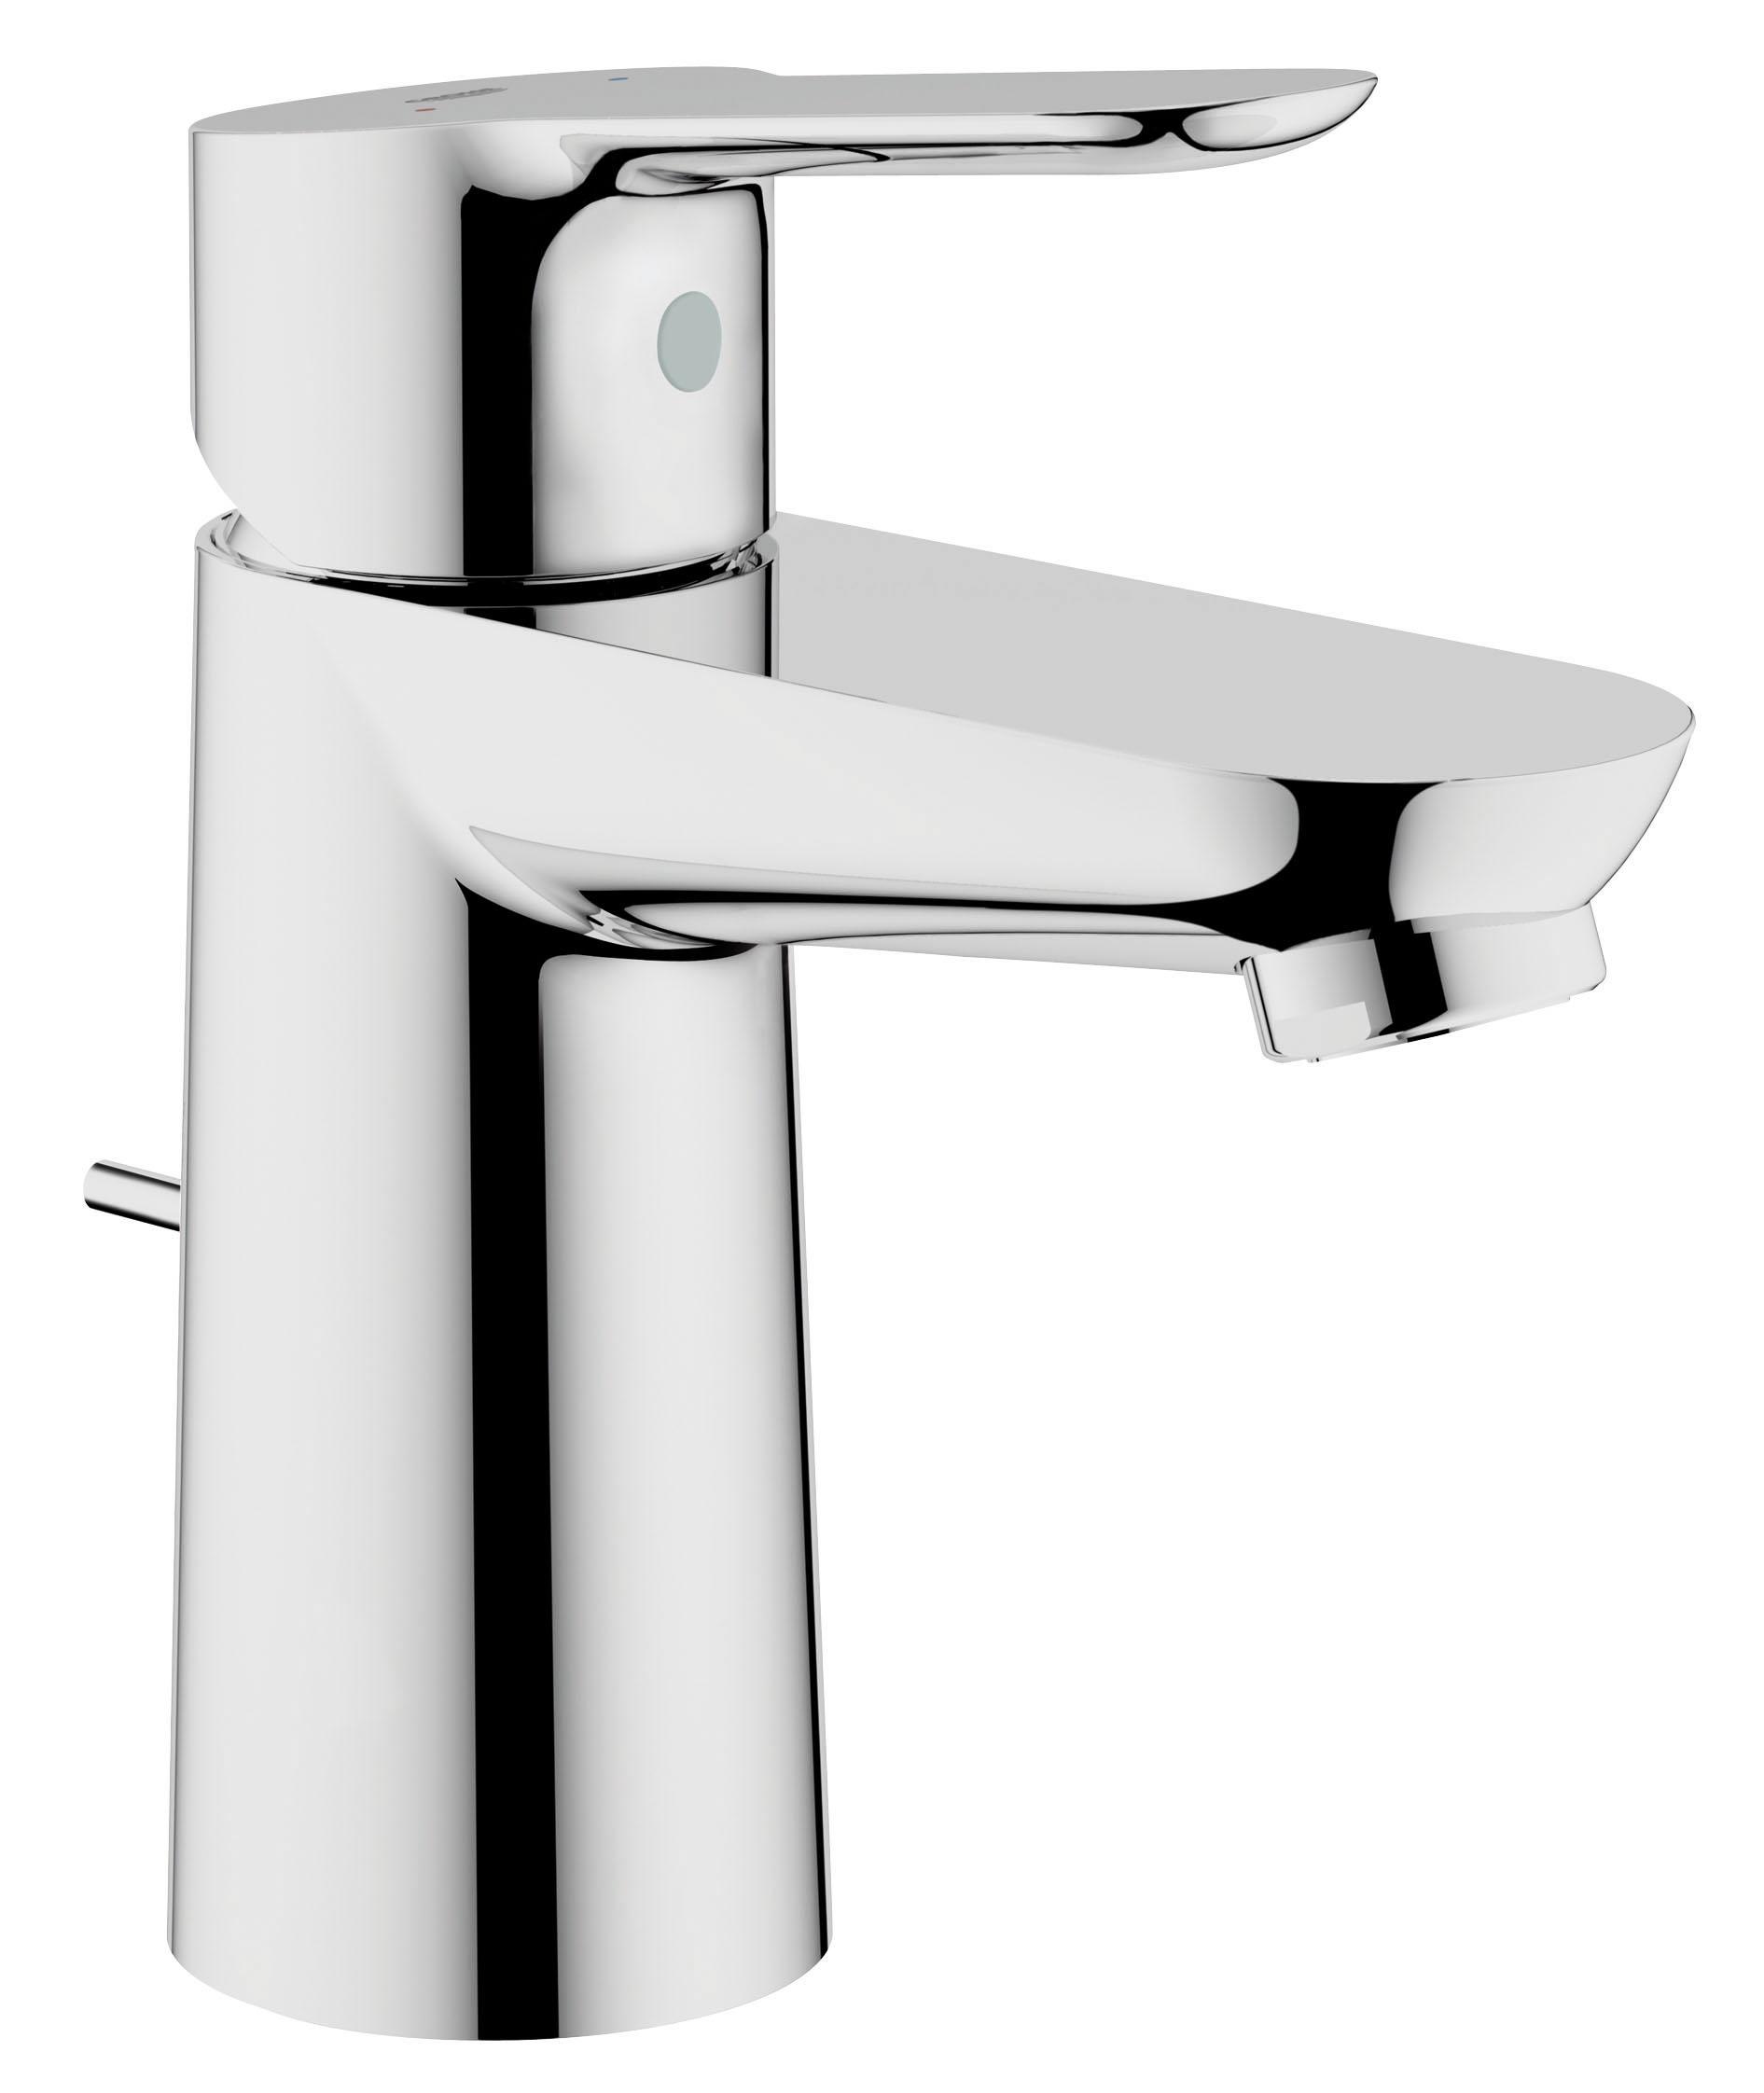 Смеситель для раковины GROHE BauEdge с донным клапаном (23328000)68/5/3Монтаж на одно отверстие Металлический рычаг GROHE SilkMove керамический картридж 28 мм GROHE StarLight хромированная поверхностьGROHE EcoJoy5.7 л/мин Сливной гарнитур 1 1/4?, пластик Гибкая подводка Система быстрого монтажа Видео по установке является исключительно информационным. Установка должна проводиться профессионалами!